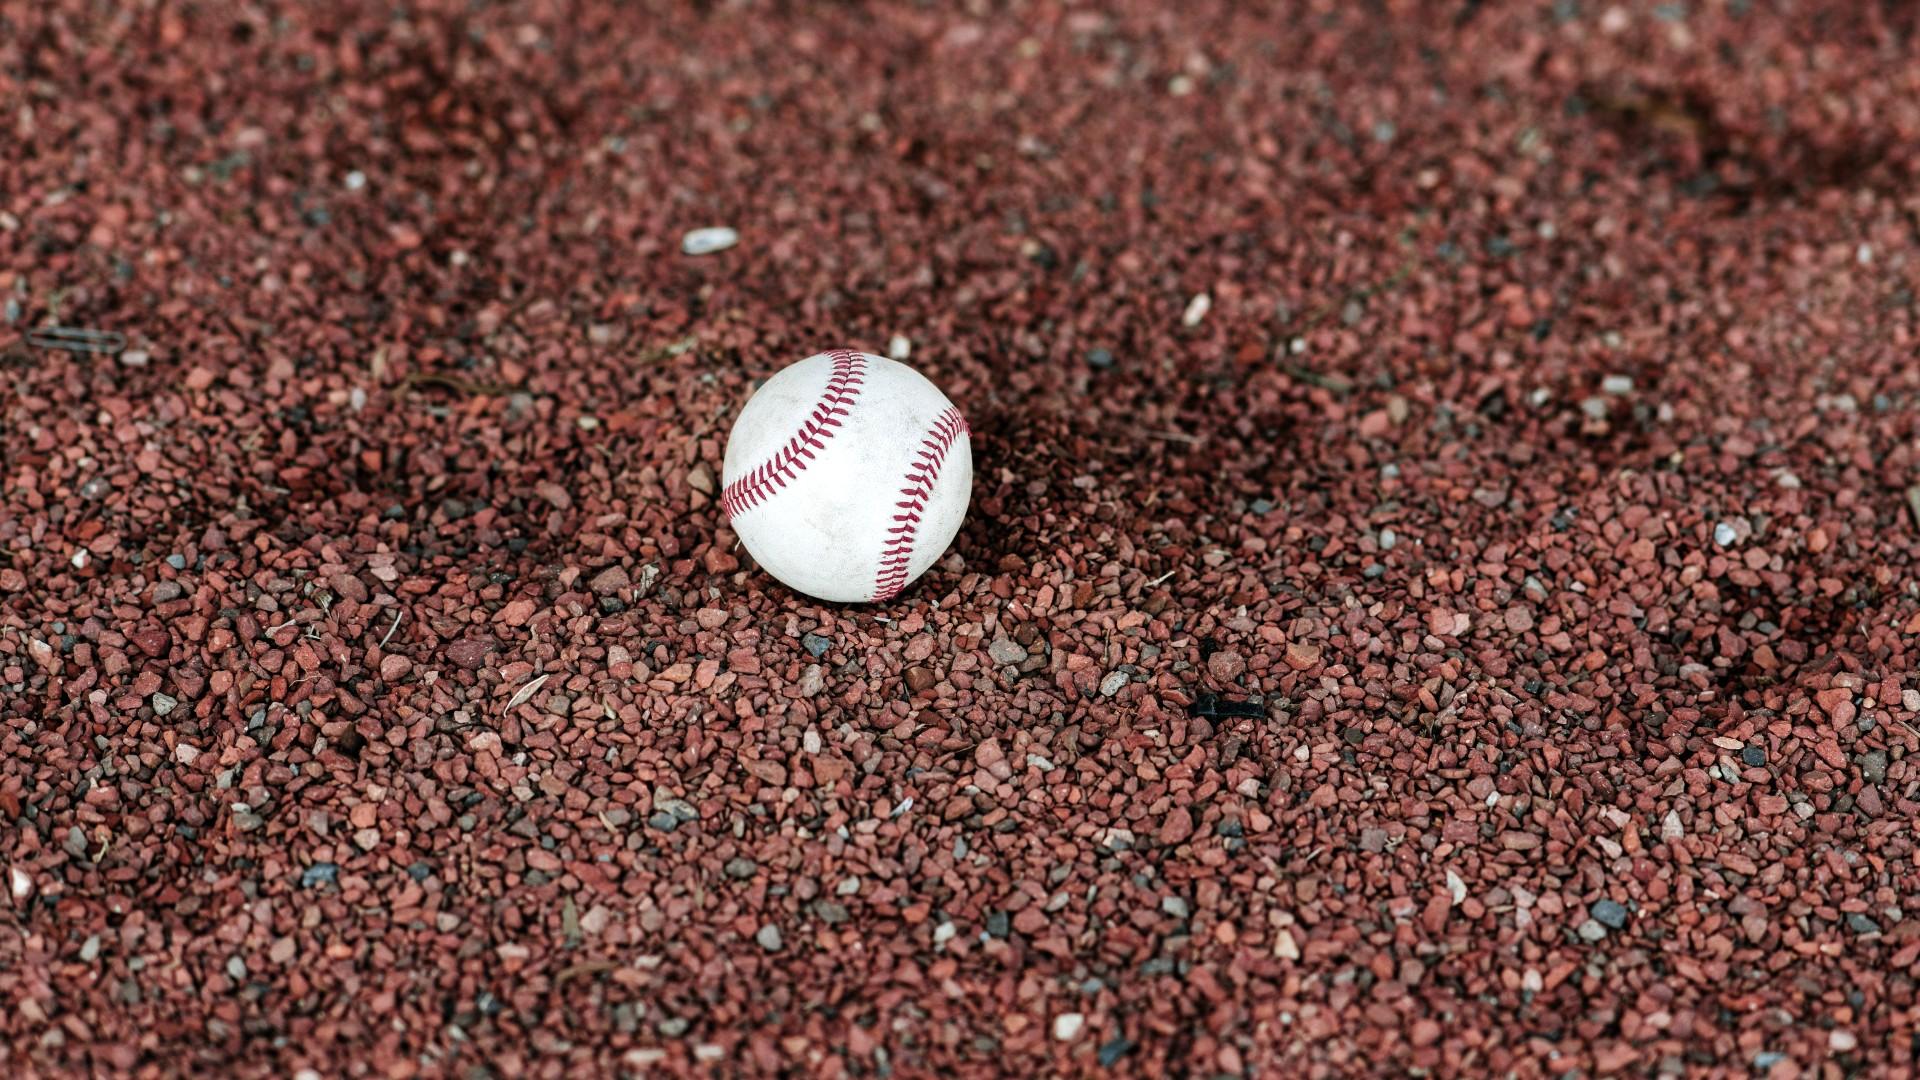 【きょうのスポーツ】交流戦10年負け越し中のセ・リーグが初戦で3勝2敗と勝ち越しスタート|プロ野球